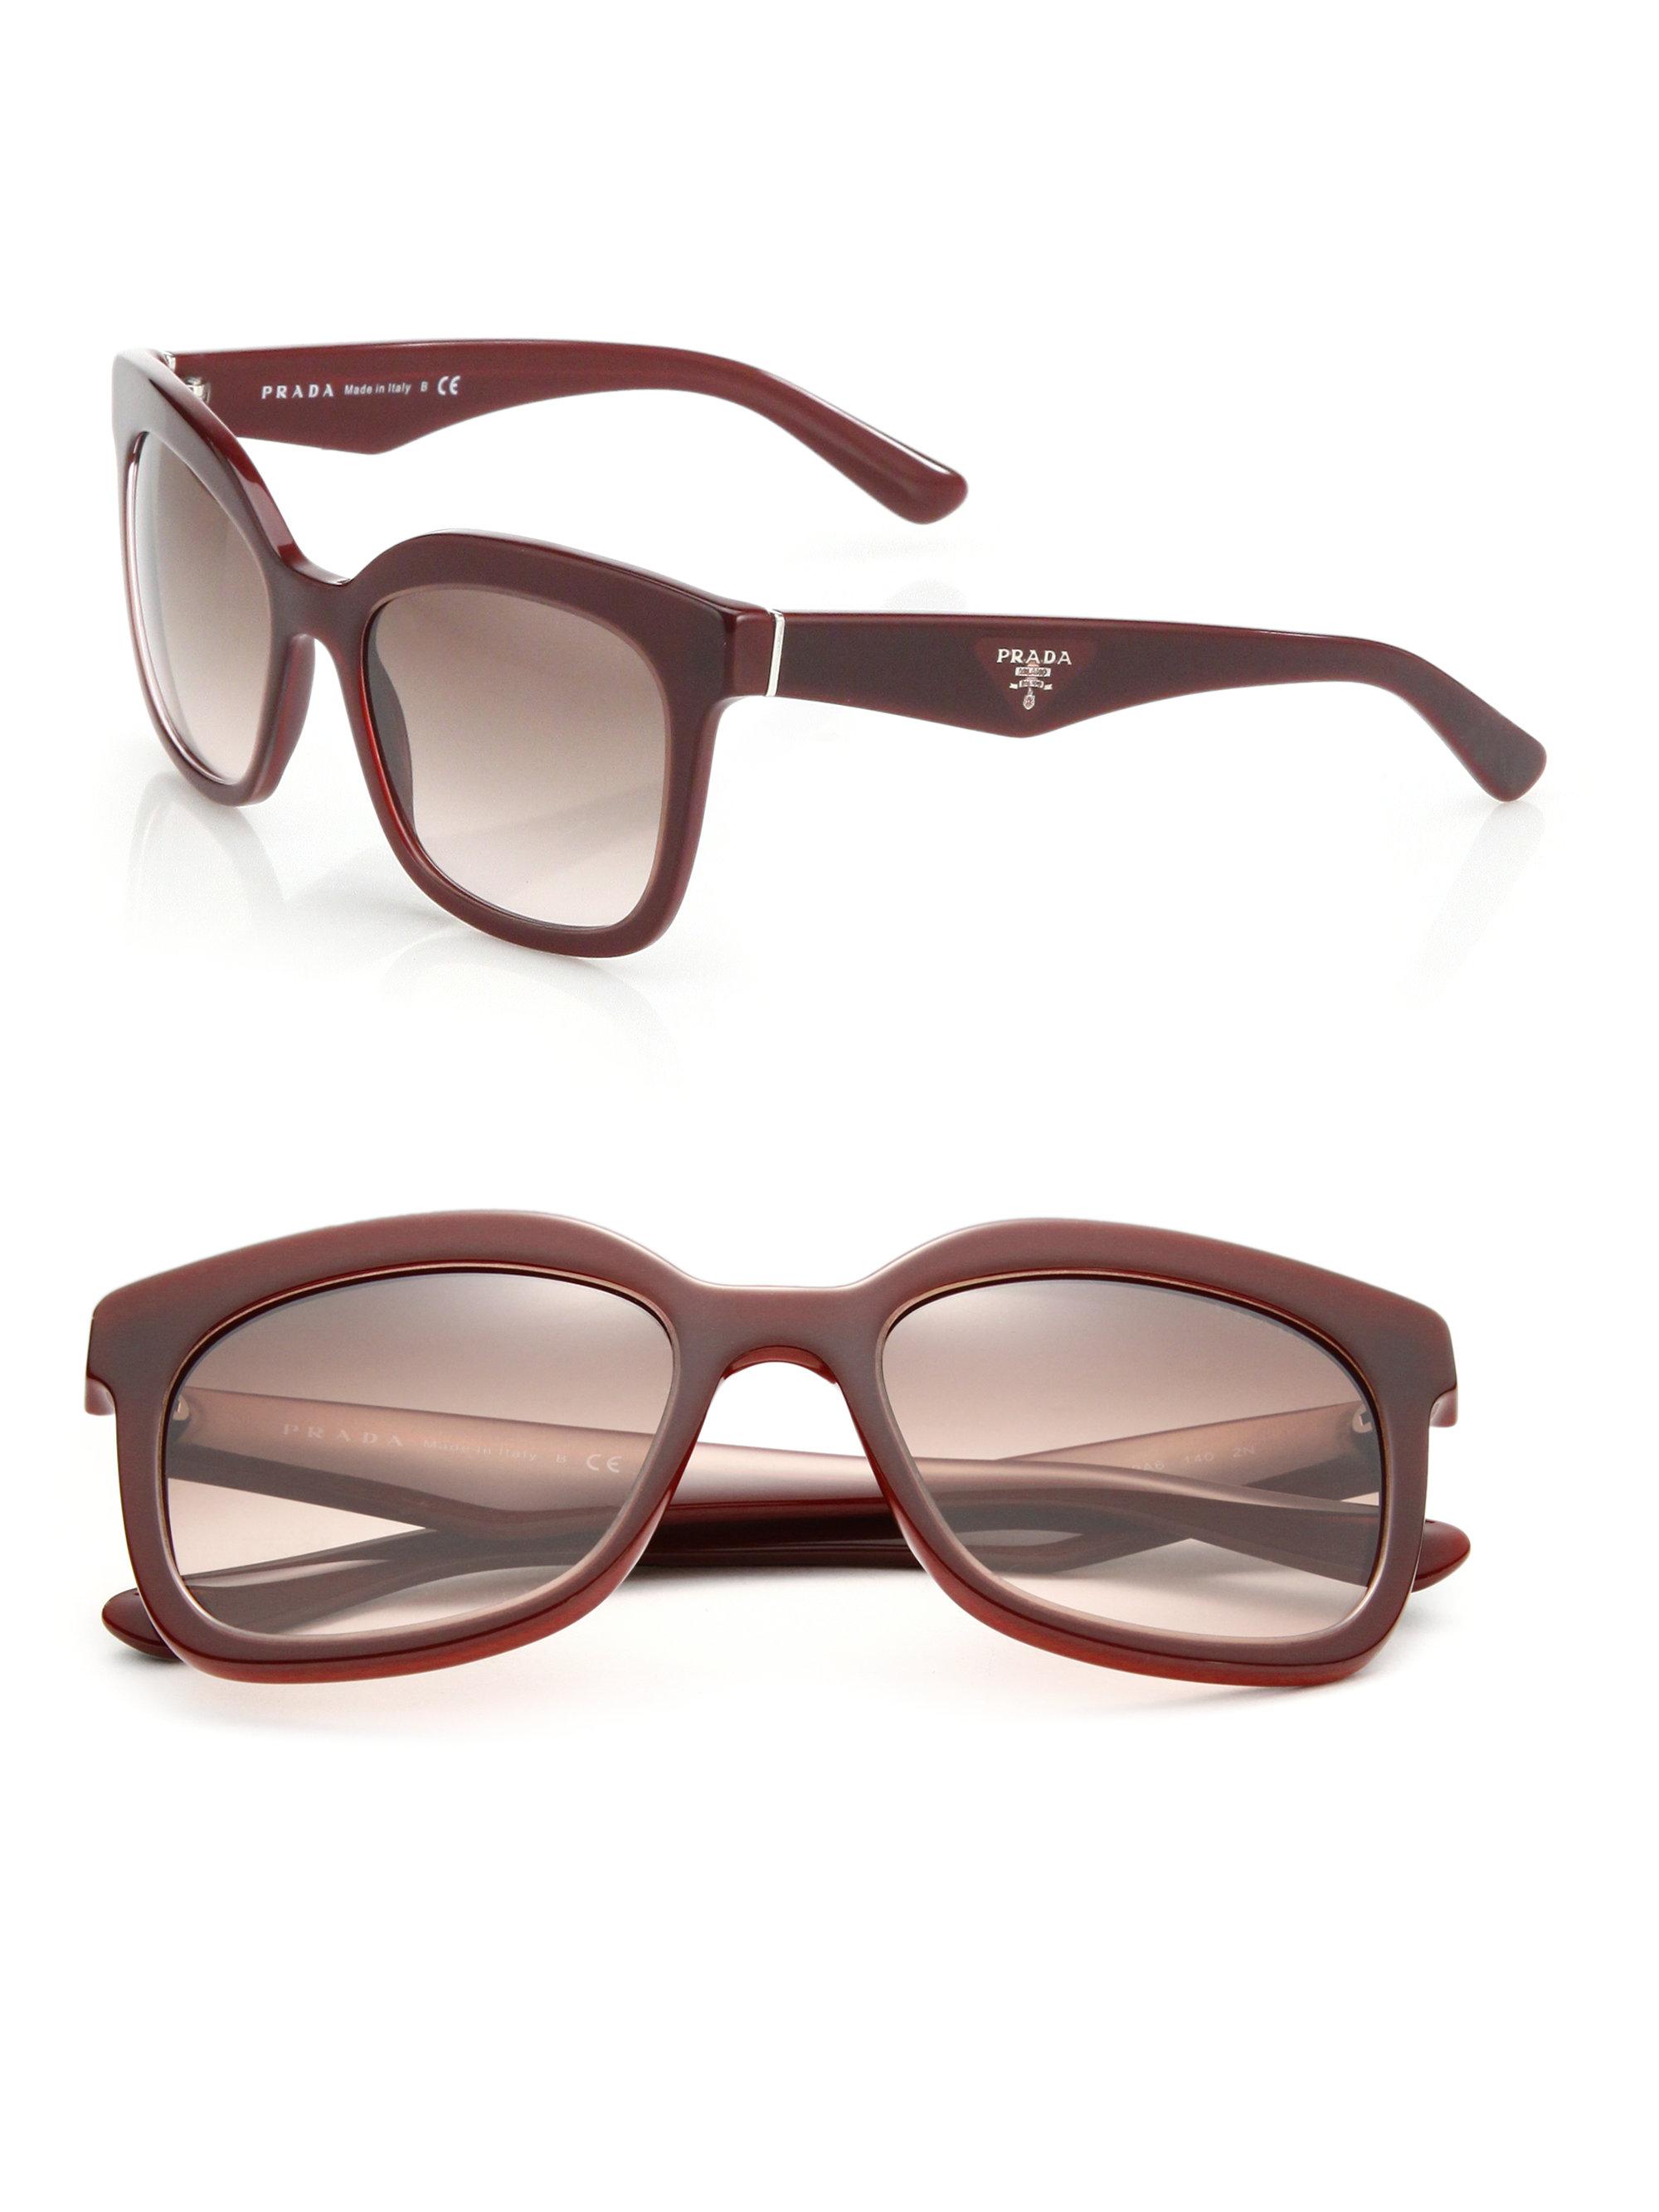 b2bada135af17 Prada Purple Sunglasses